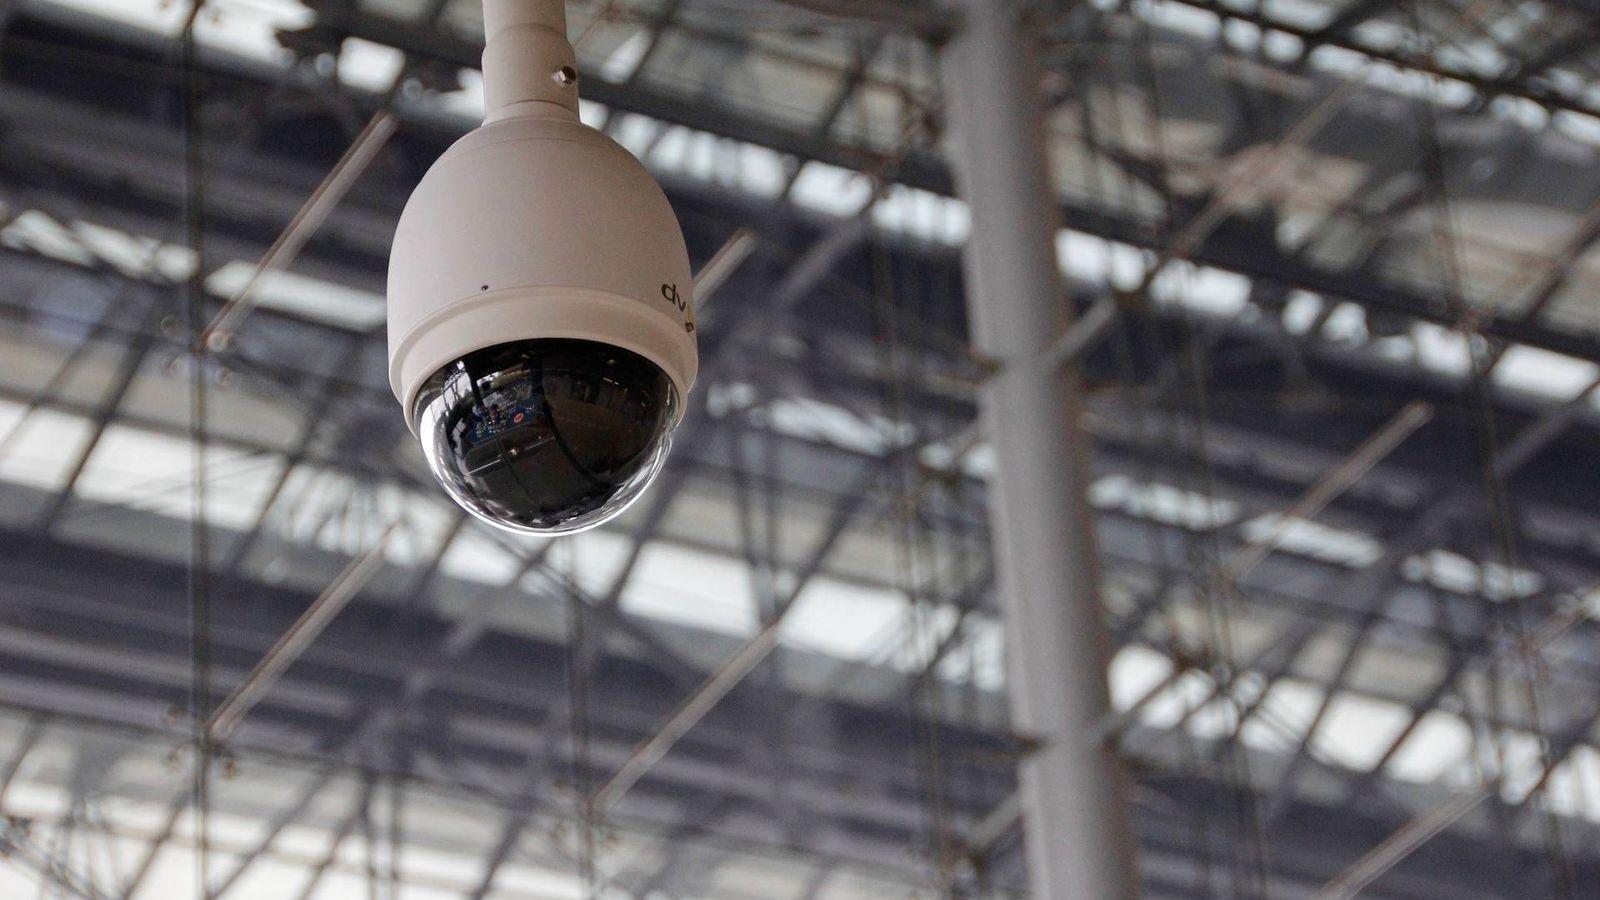 Foto: La ironía de que alguien use tu cámara de seguridad para vigilarte. Pero puedes evitarlo. (Imagen: Pixabay)